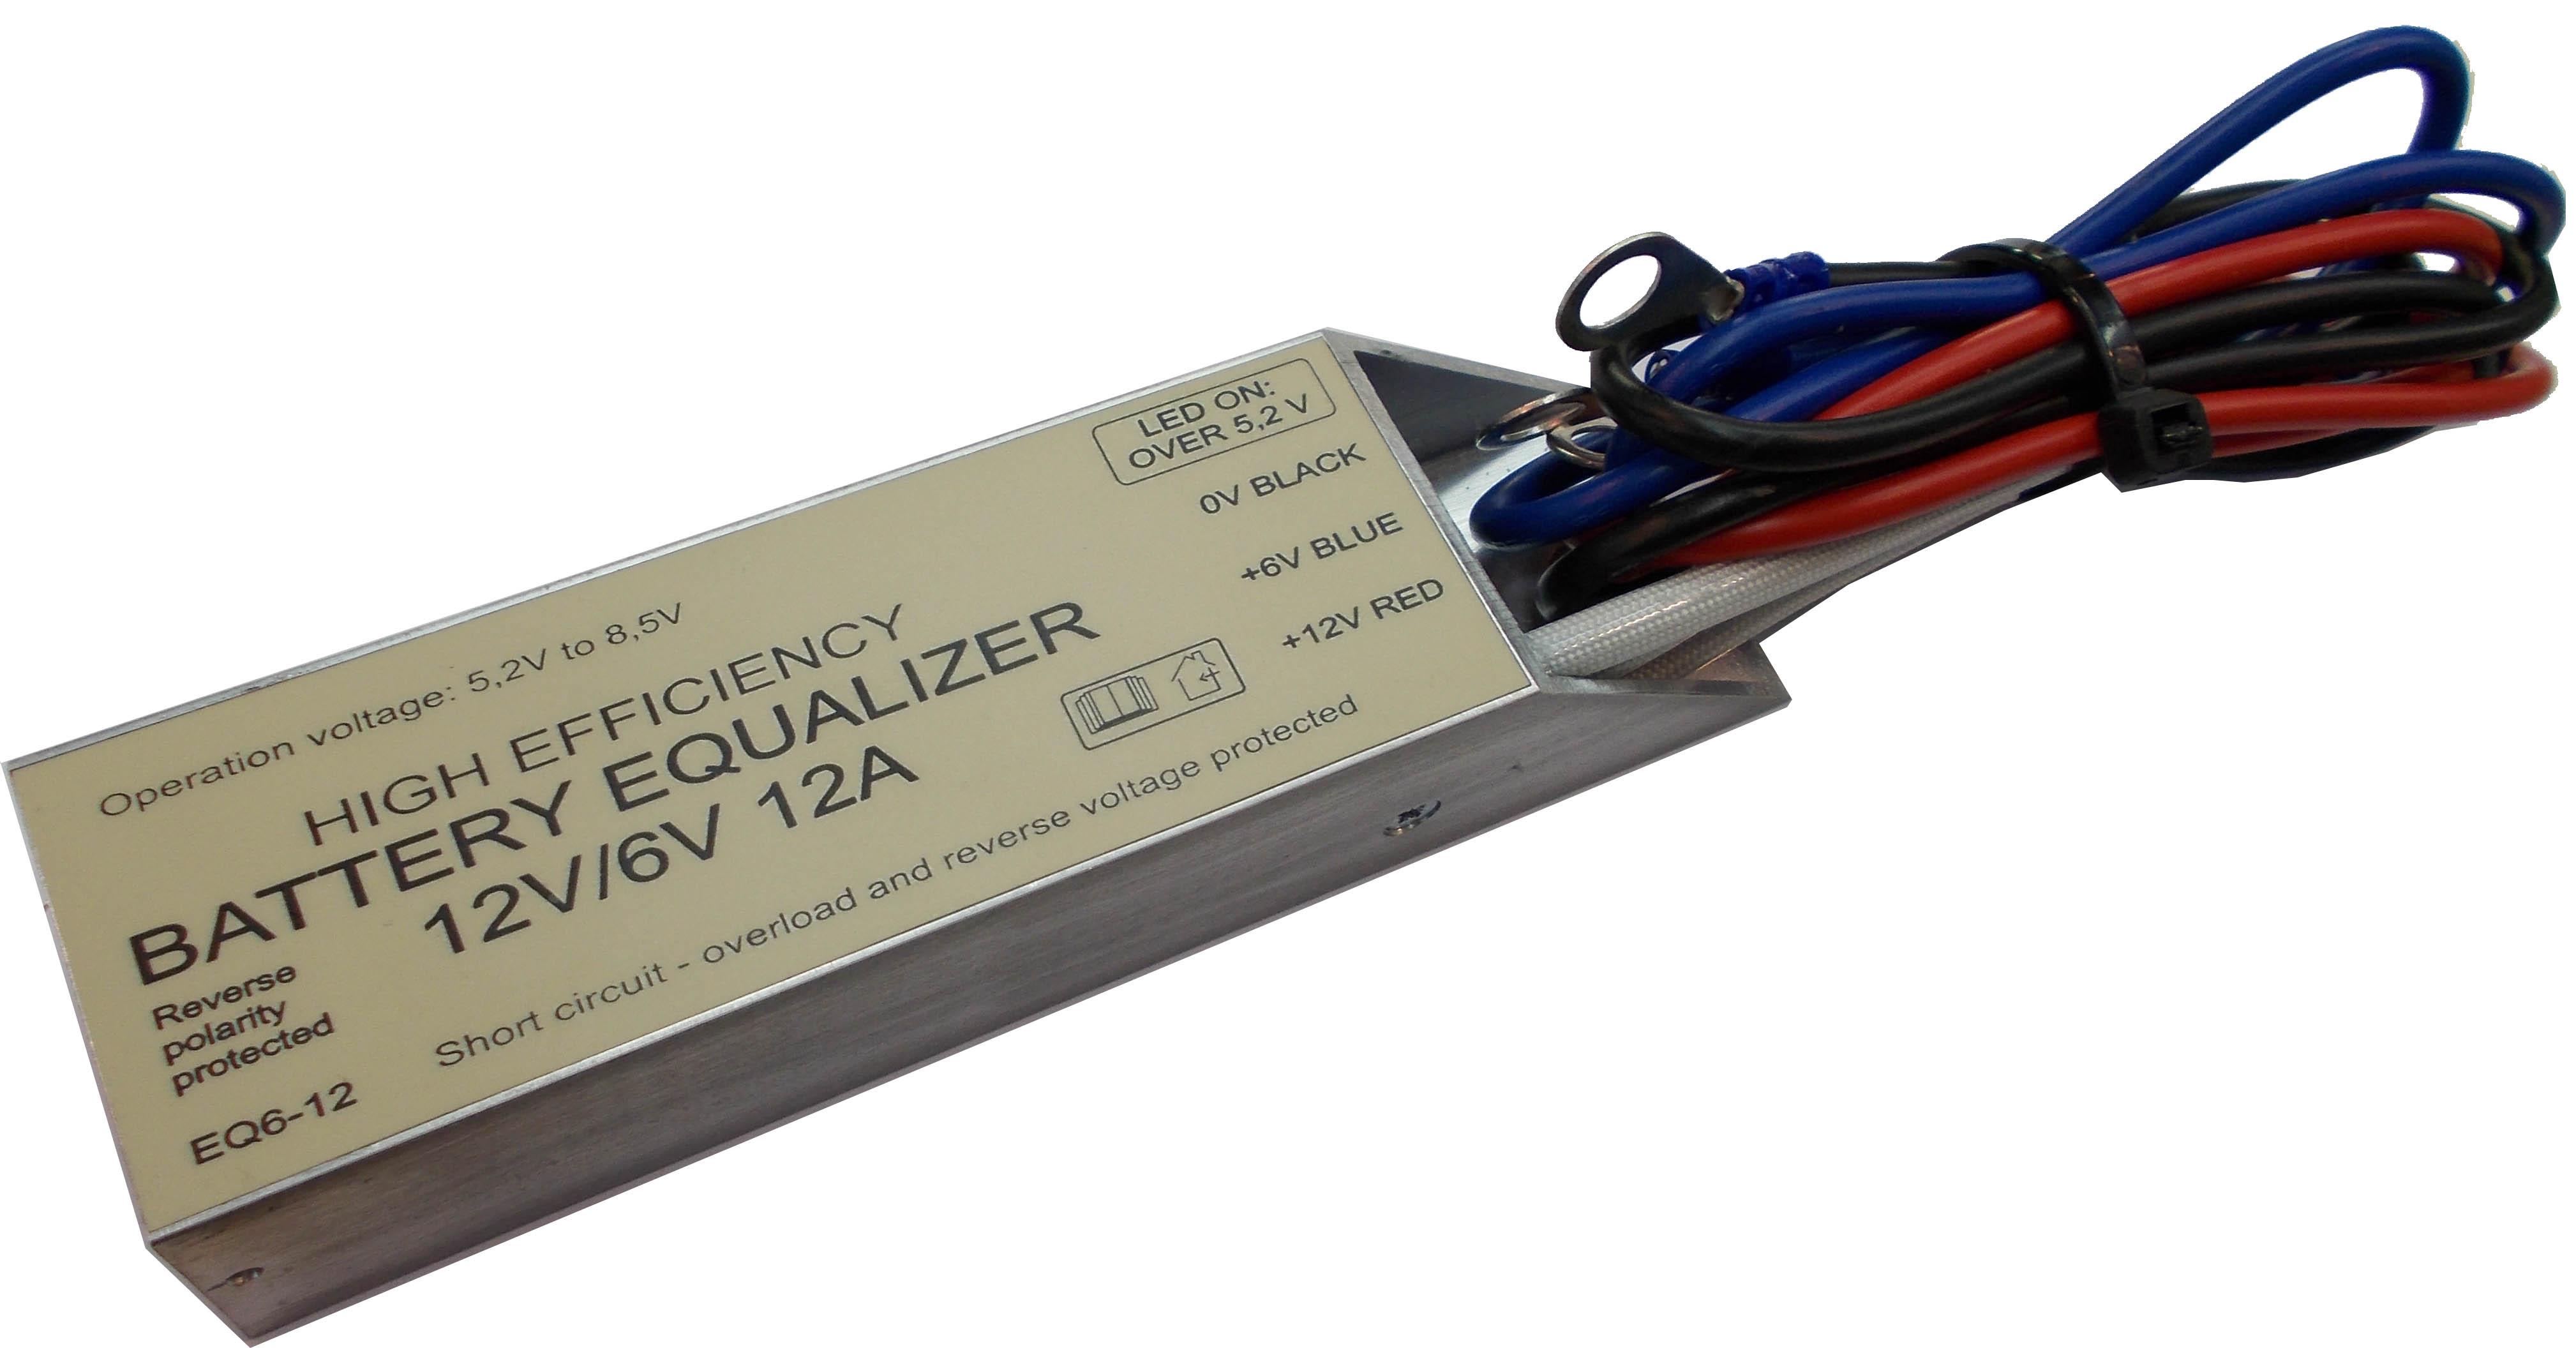 Akkumulátor szimmetrizáló 6V/12A